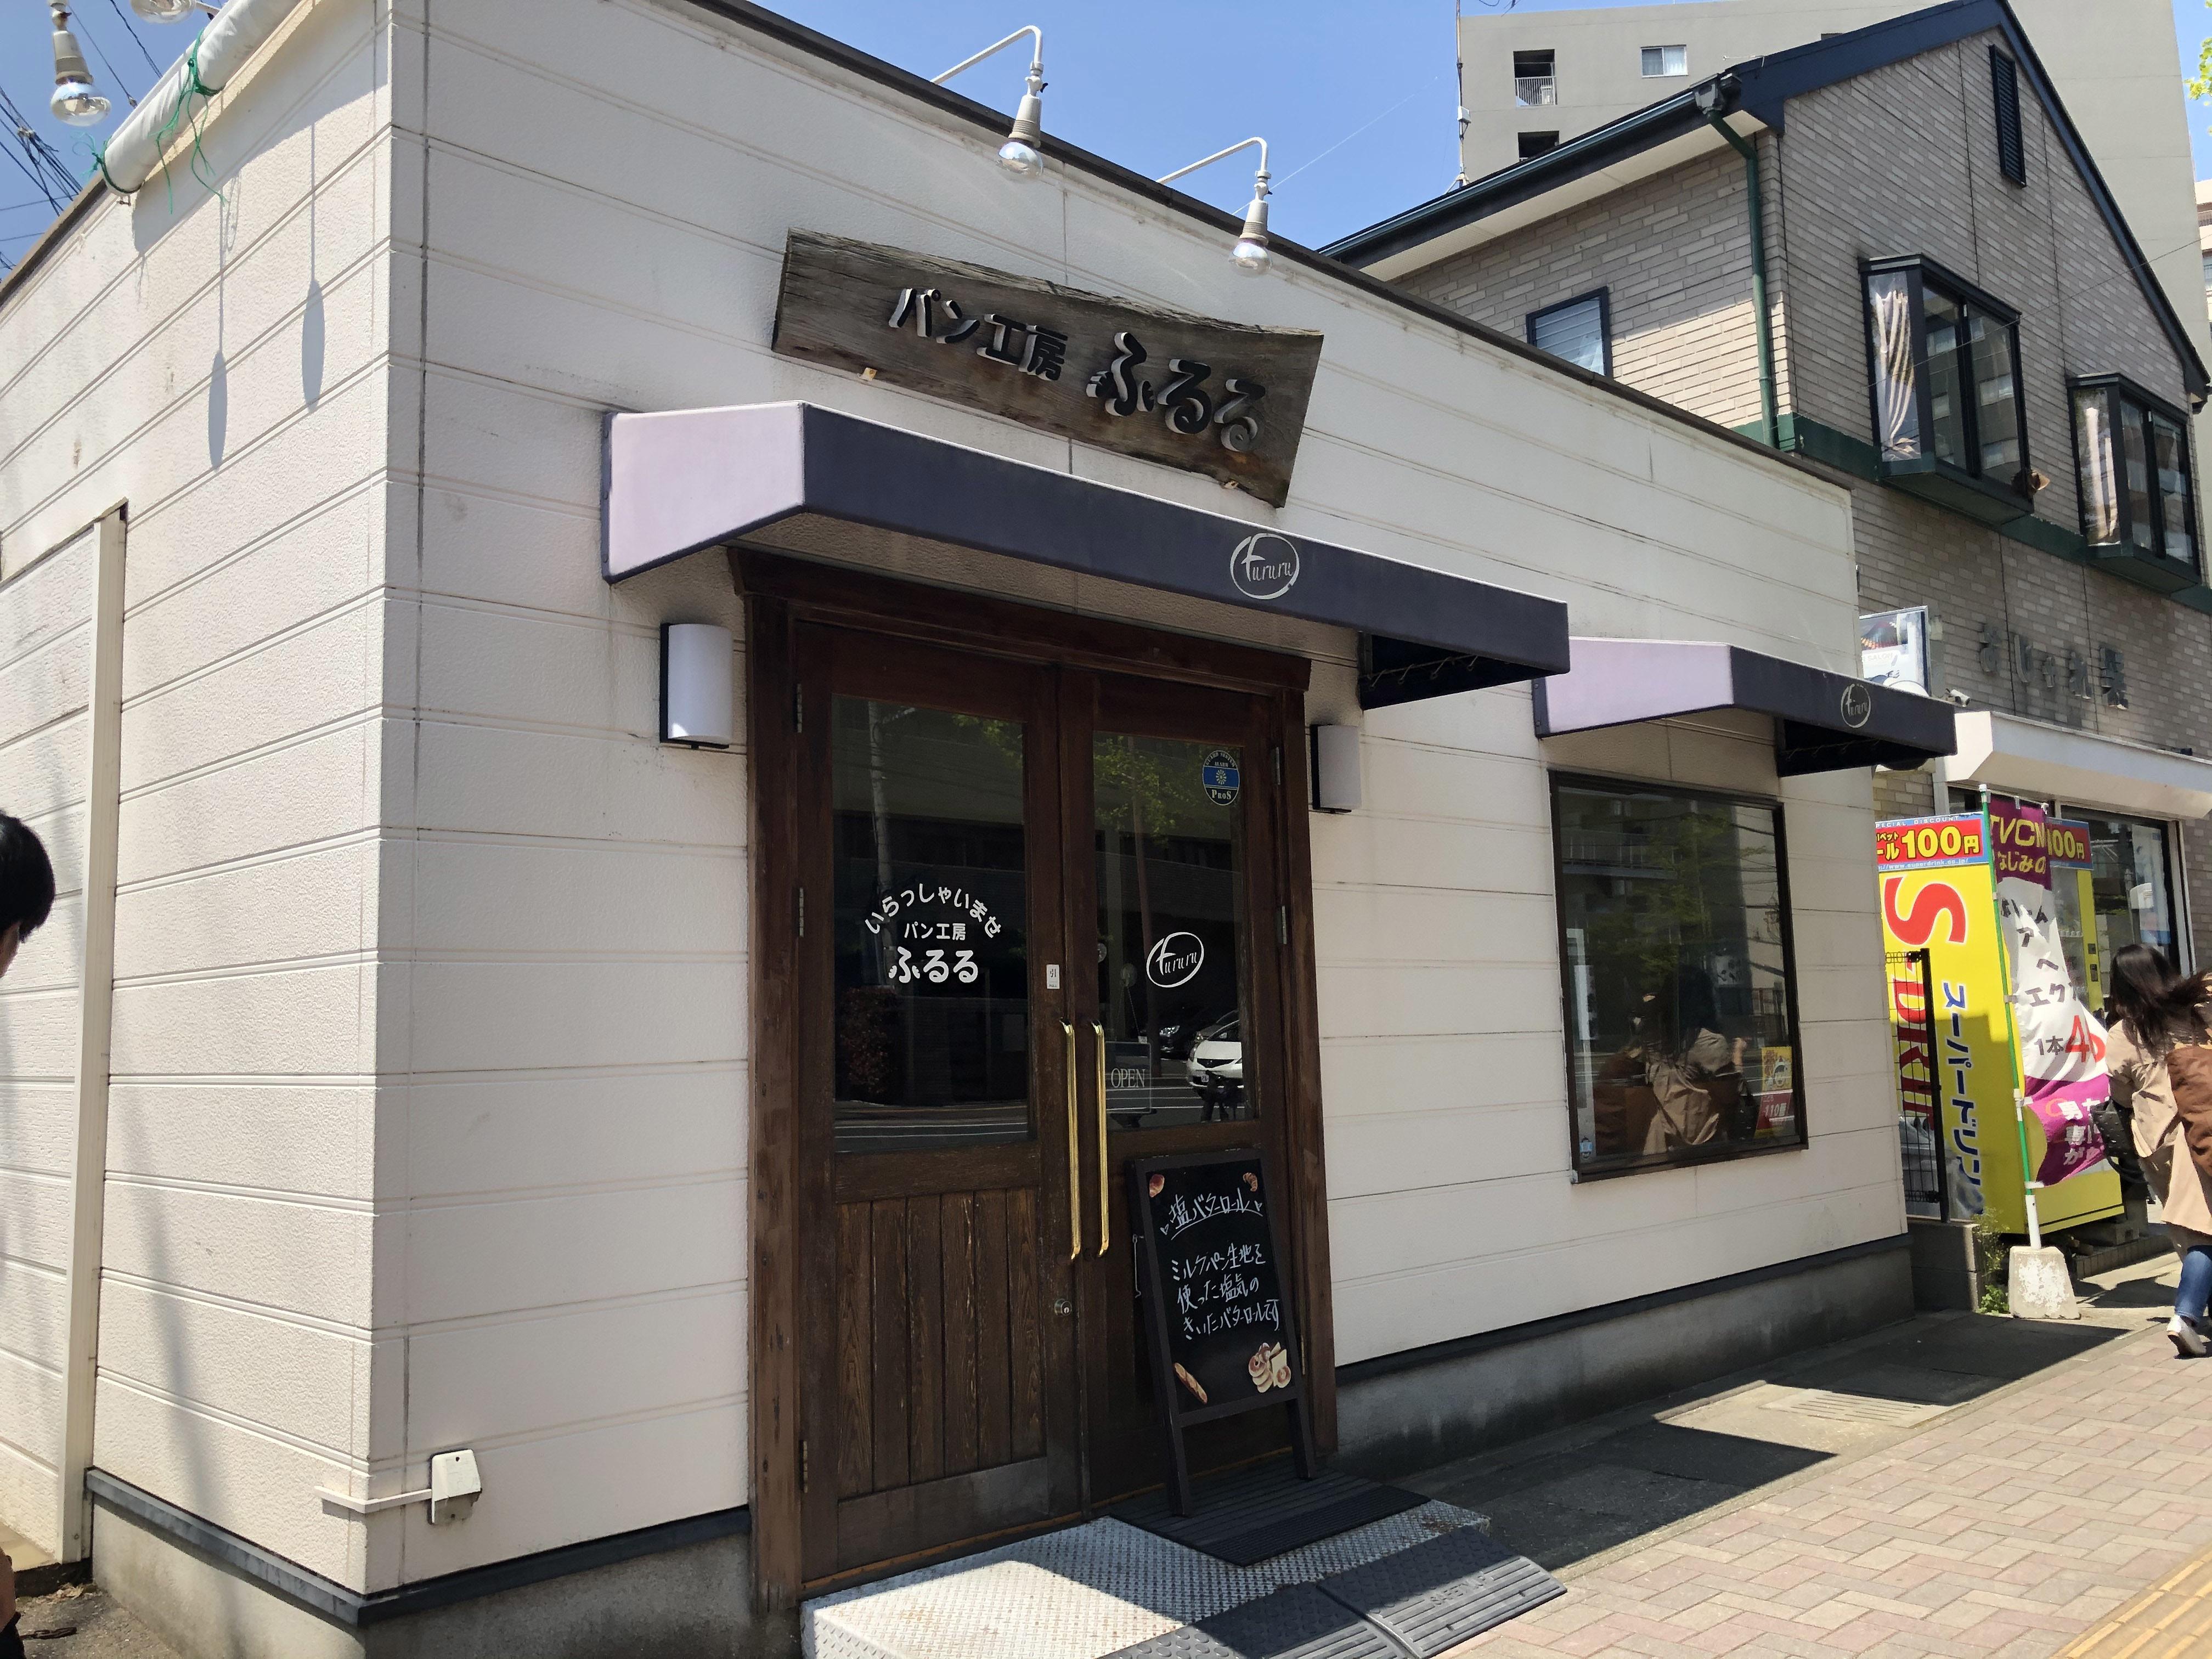 fururu_01.jpg